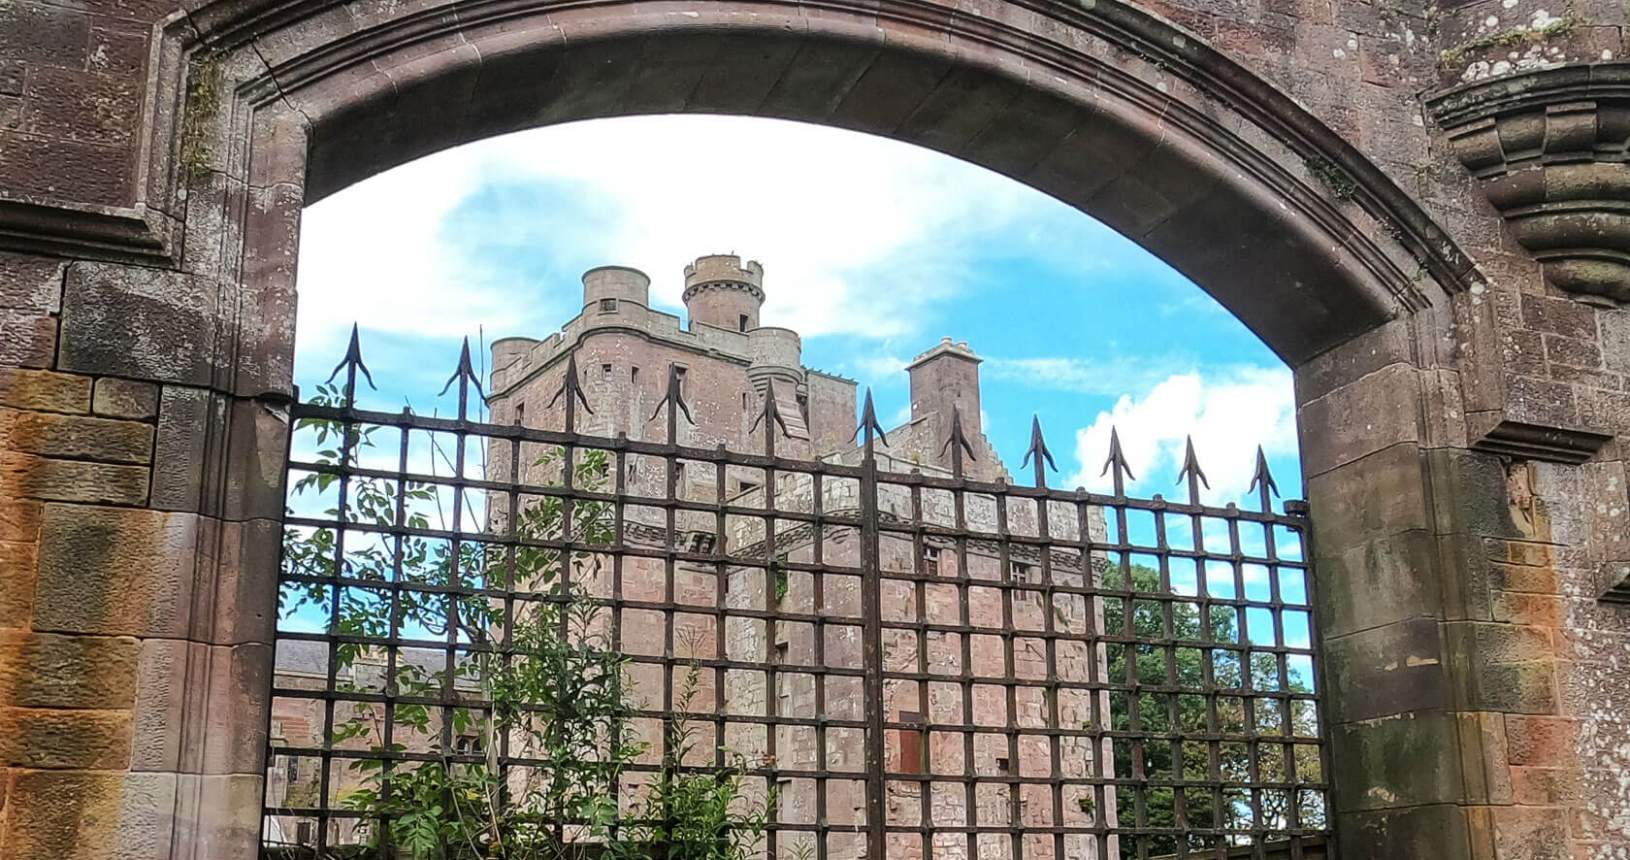 Hoddom Castle Gate